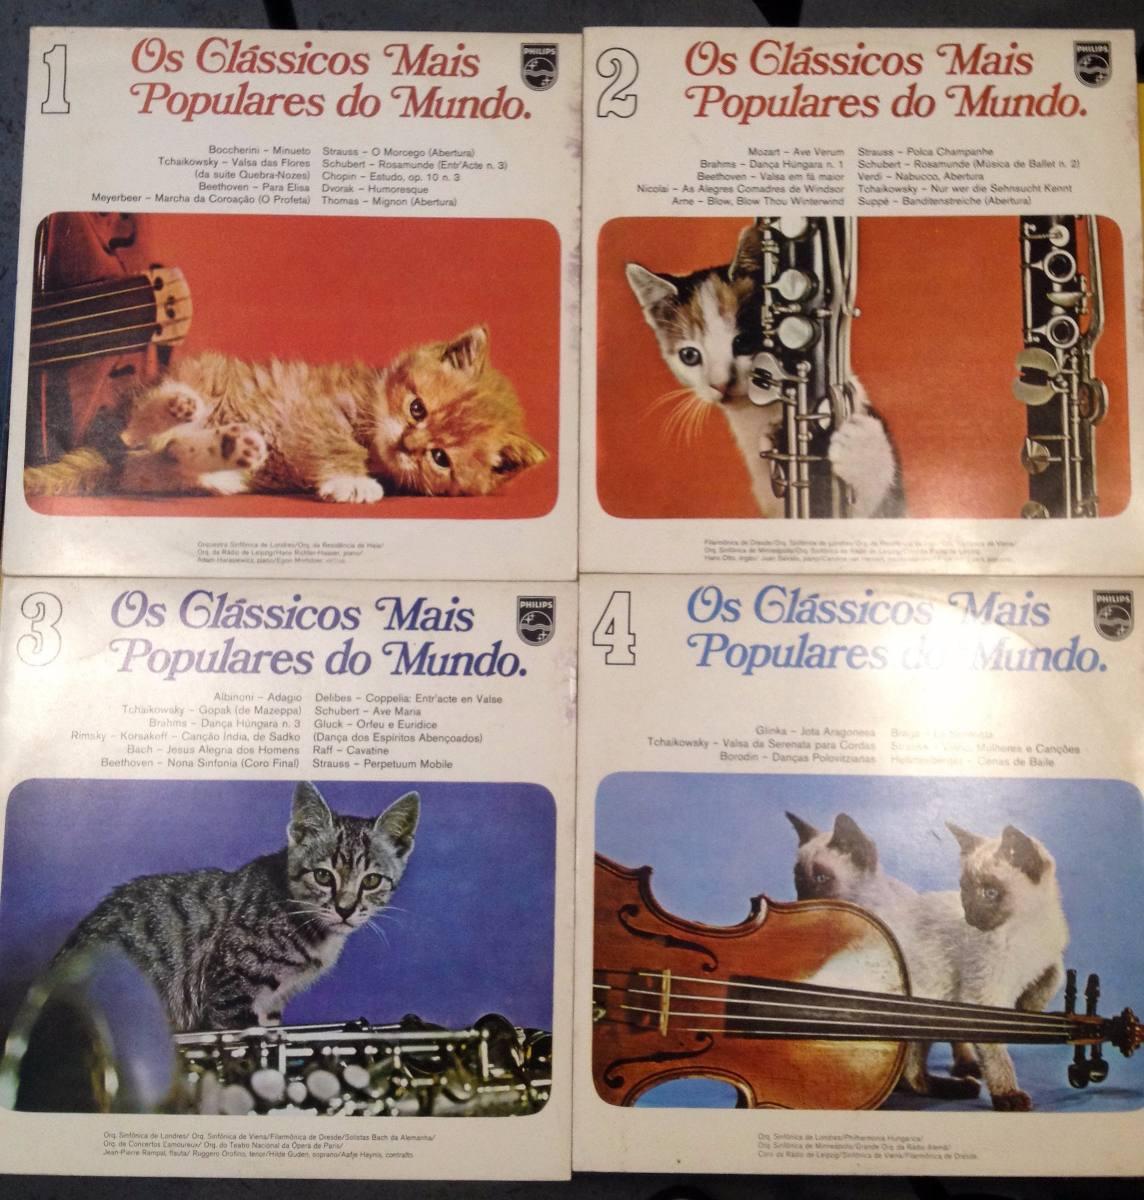 Lote 24 Lps Capas Gatos - Coleção Discos Erutido Clássicos